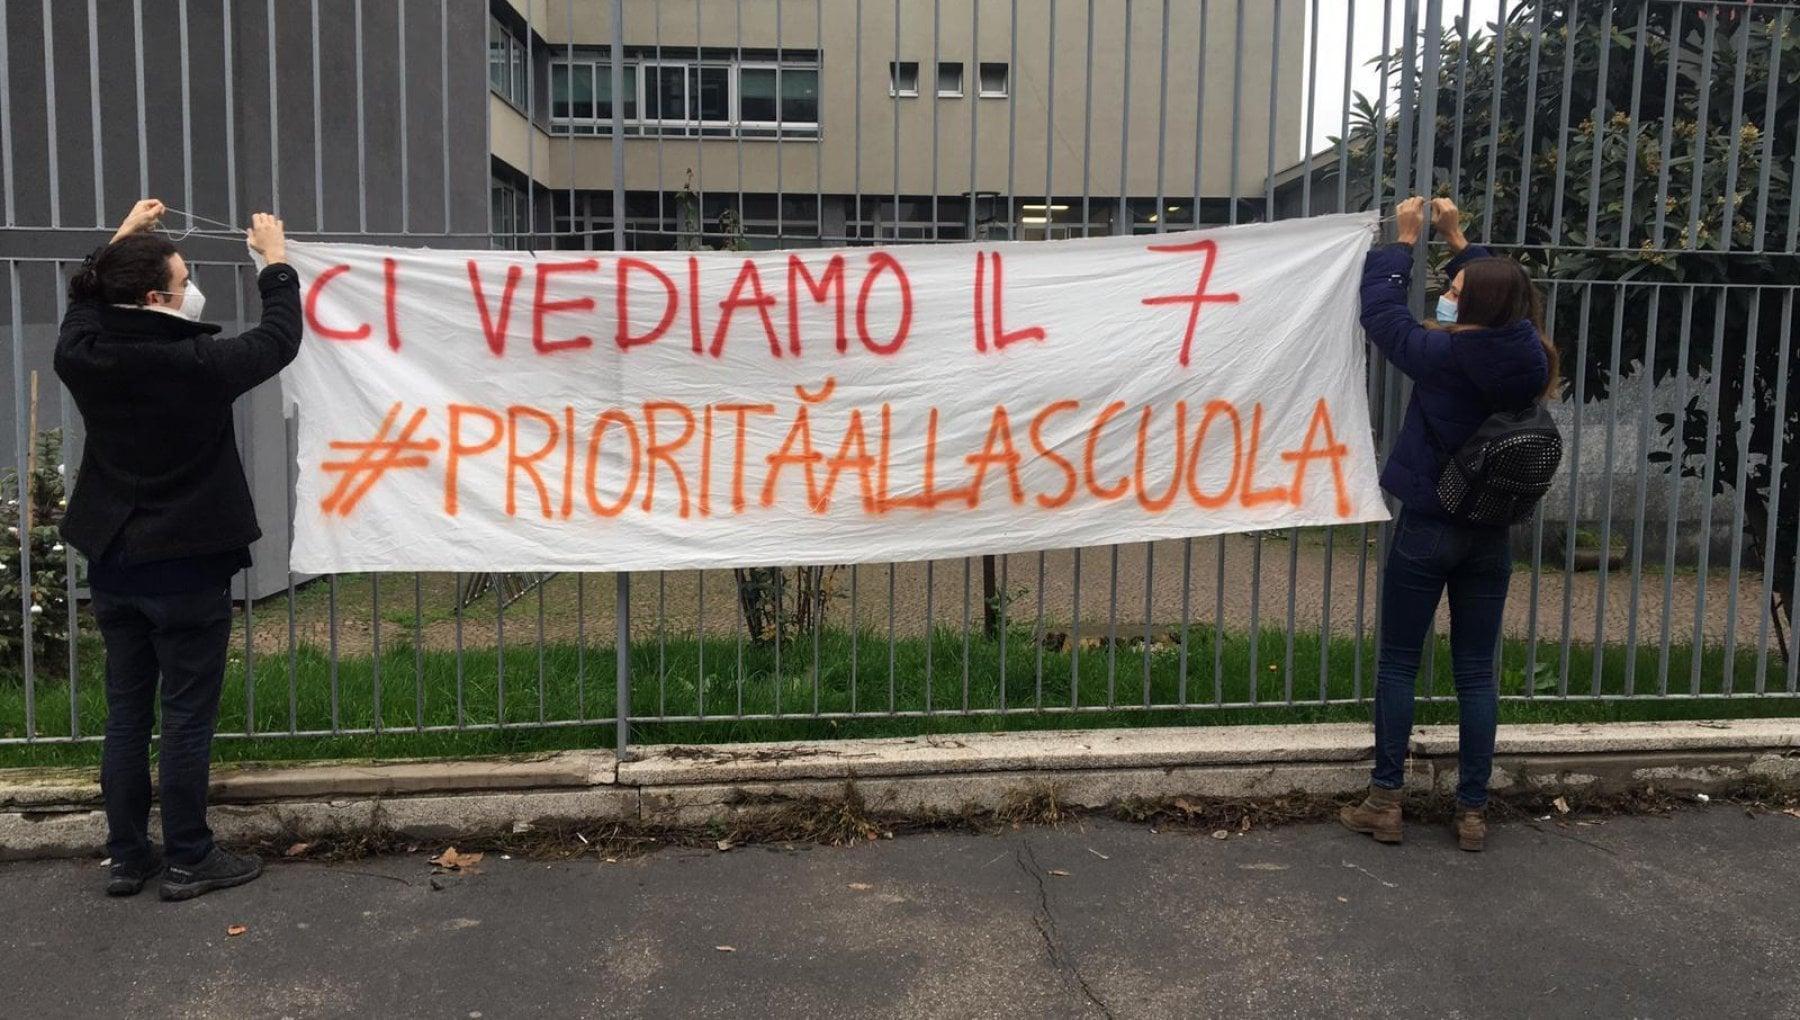 Scuola i cinque scenari per il rientro in classe a Milano Tutti in dad con oltre 300 nuovi contagi al giorno